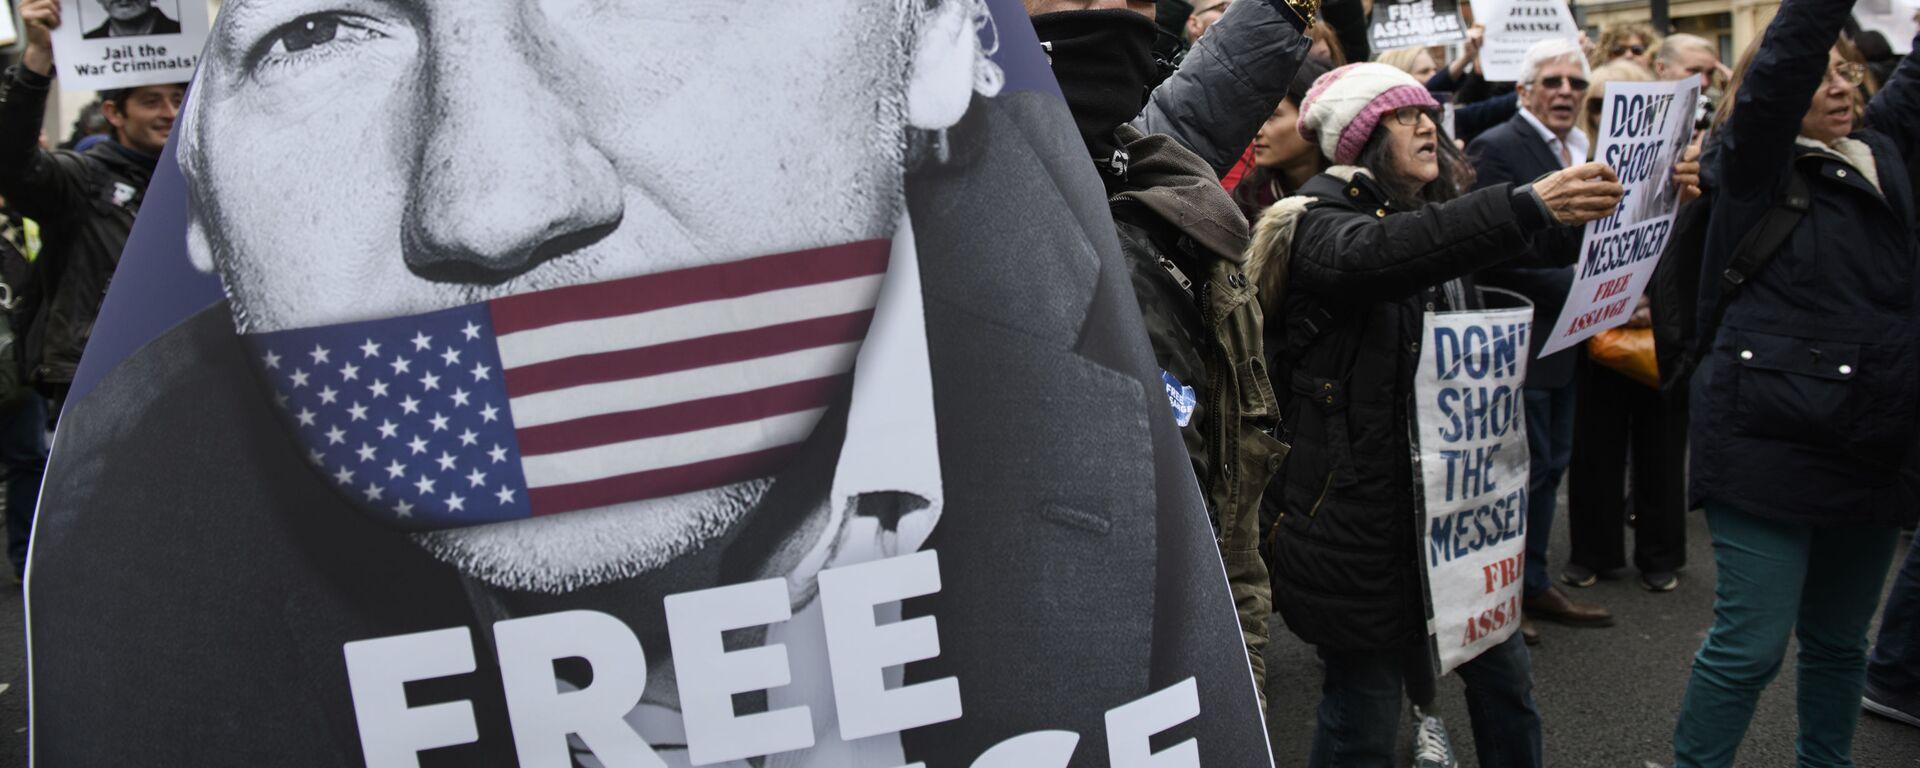 Akcja zwolenników Juliana Assange'a w Londynie - Sputnik Polska, 1920, 06.01.2021